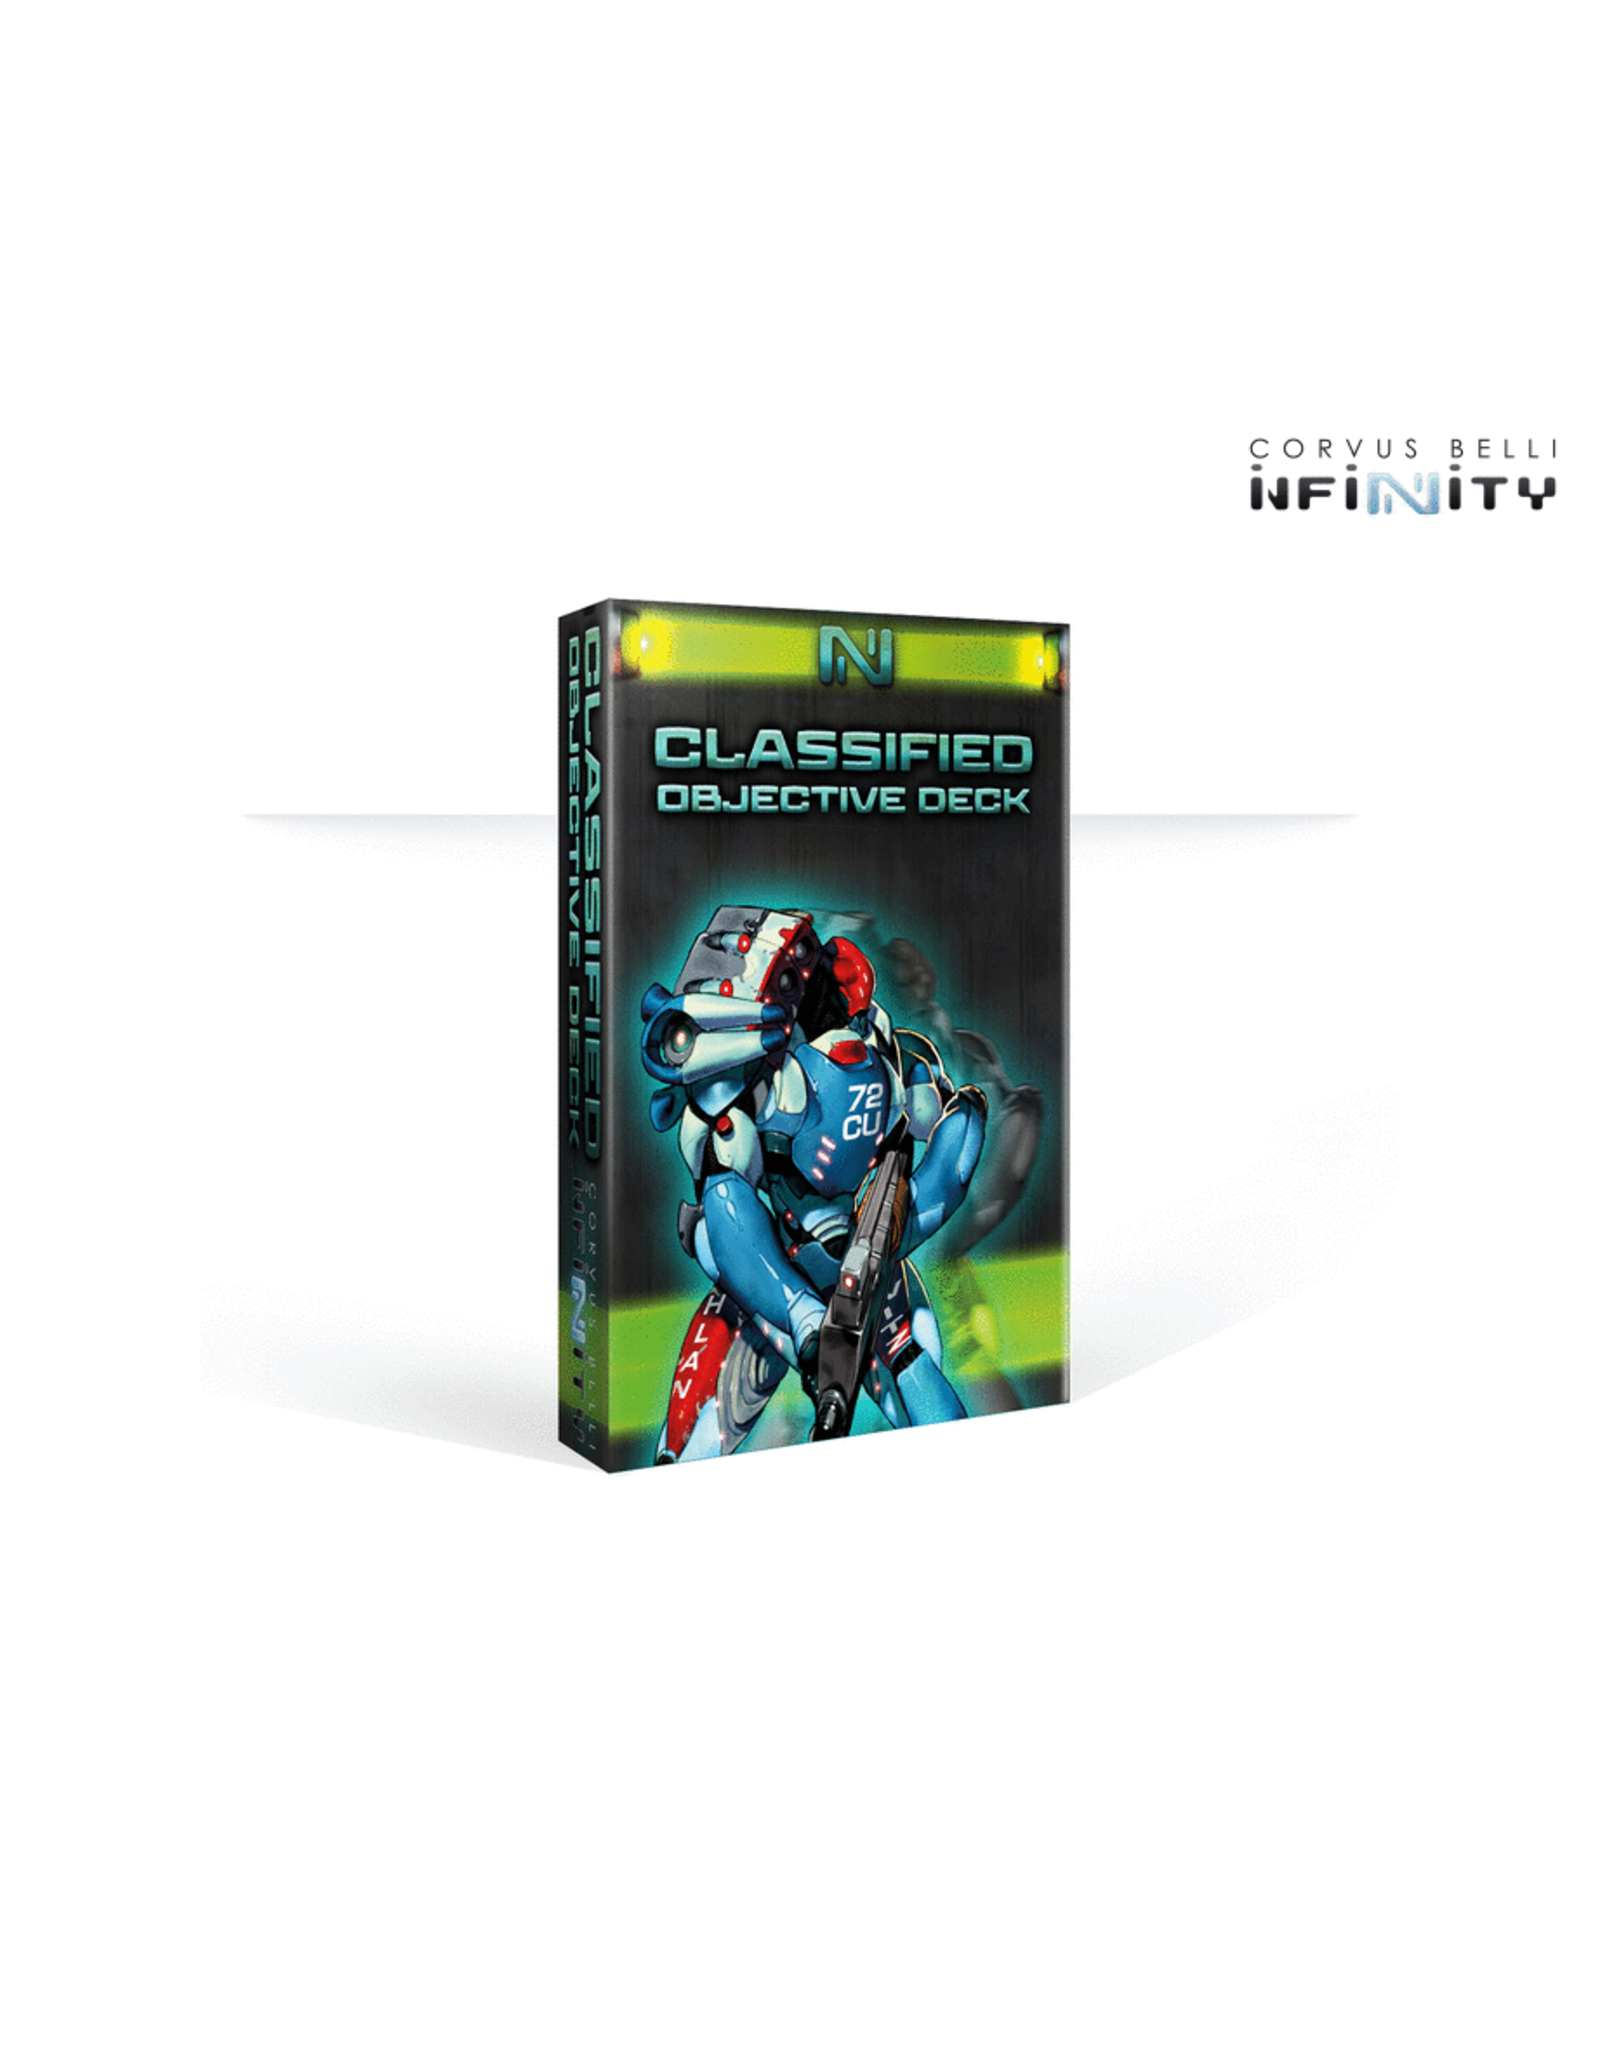 Corvus Belli Infinity: Classified Objective Deck - Season 10